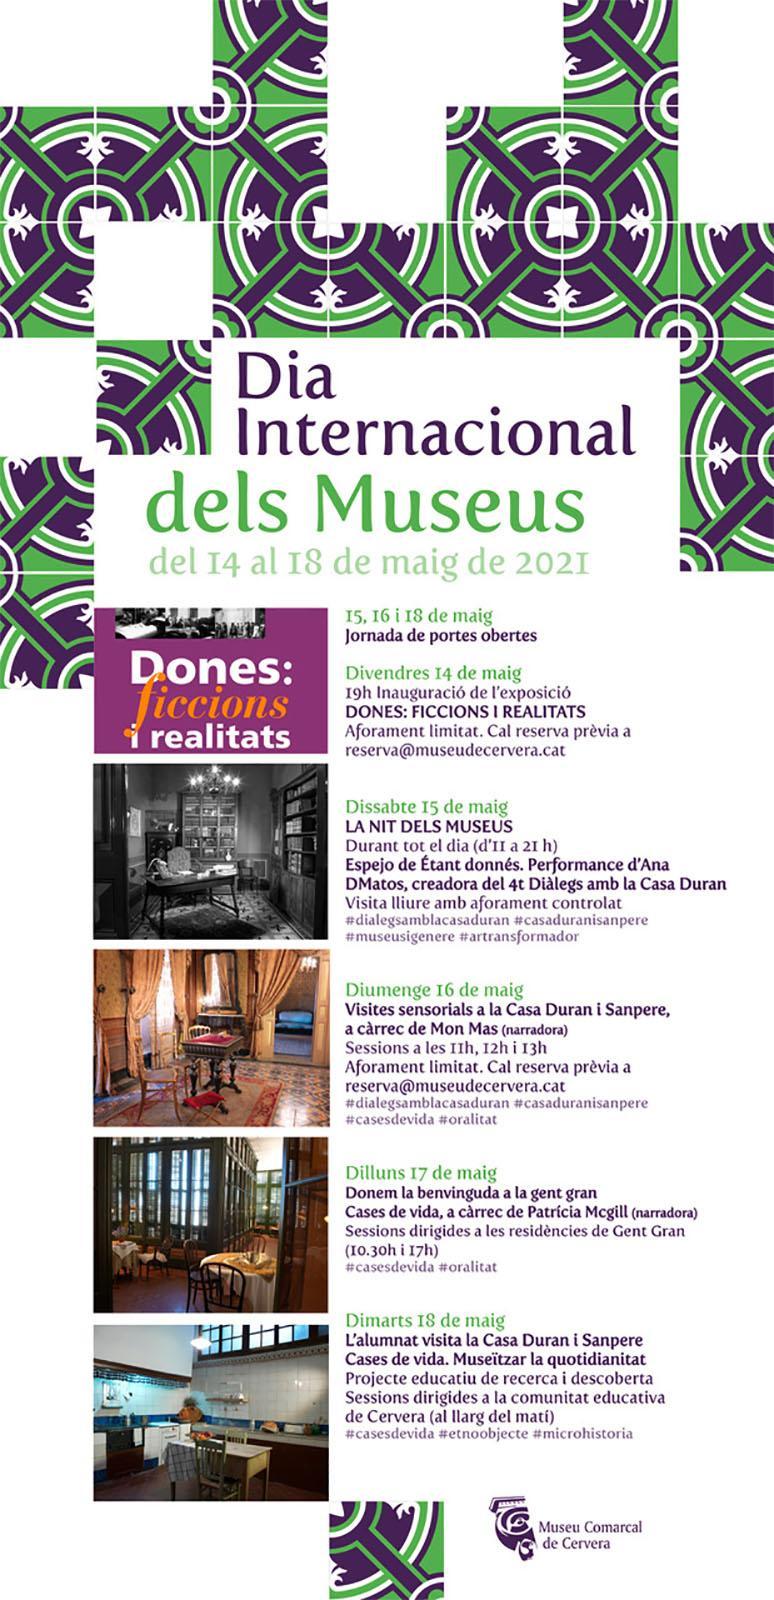 Dia Internacional dels Museus a Cervera